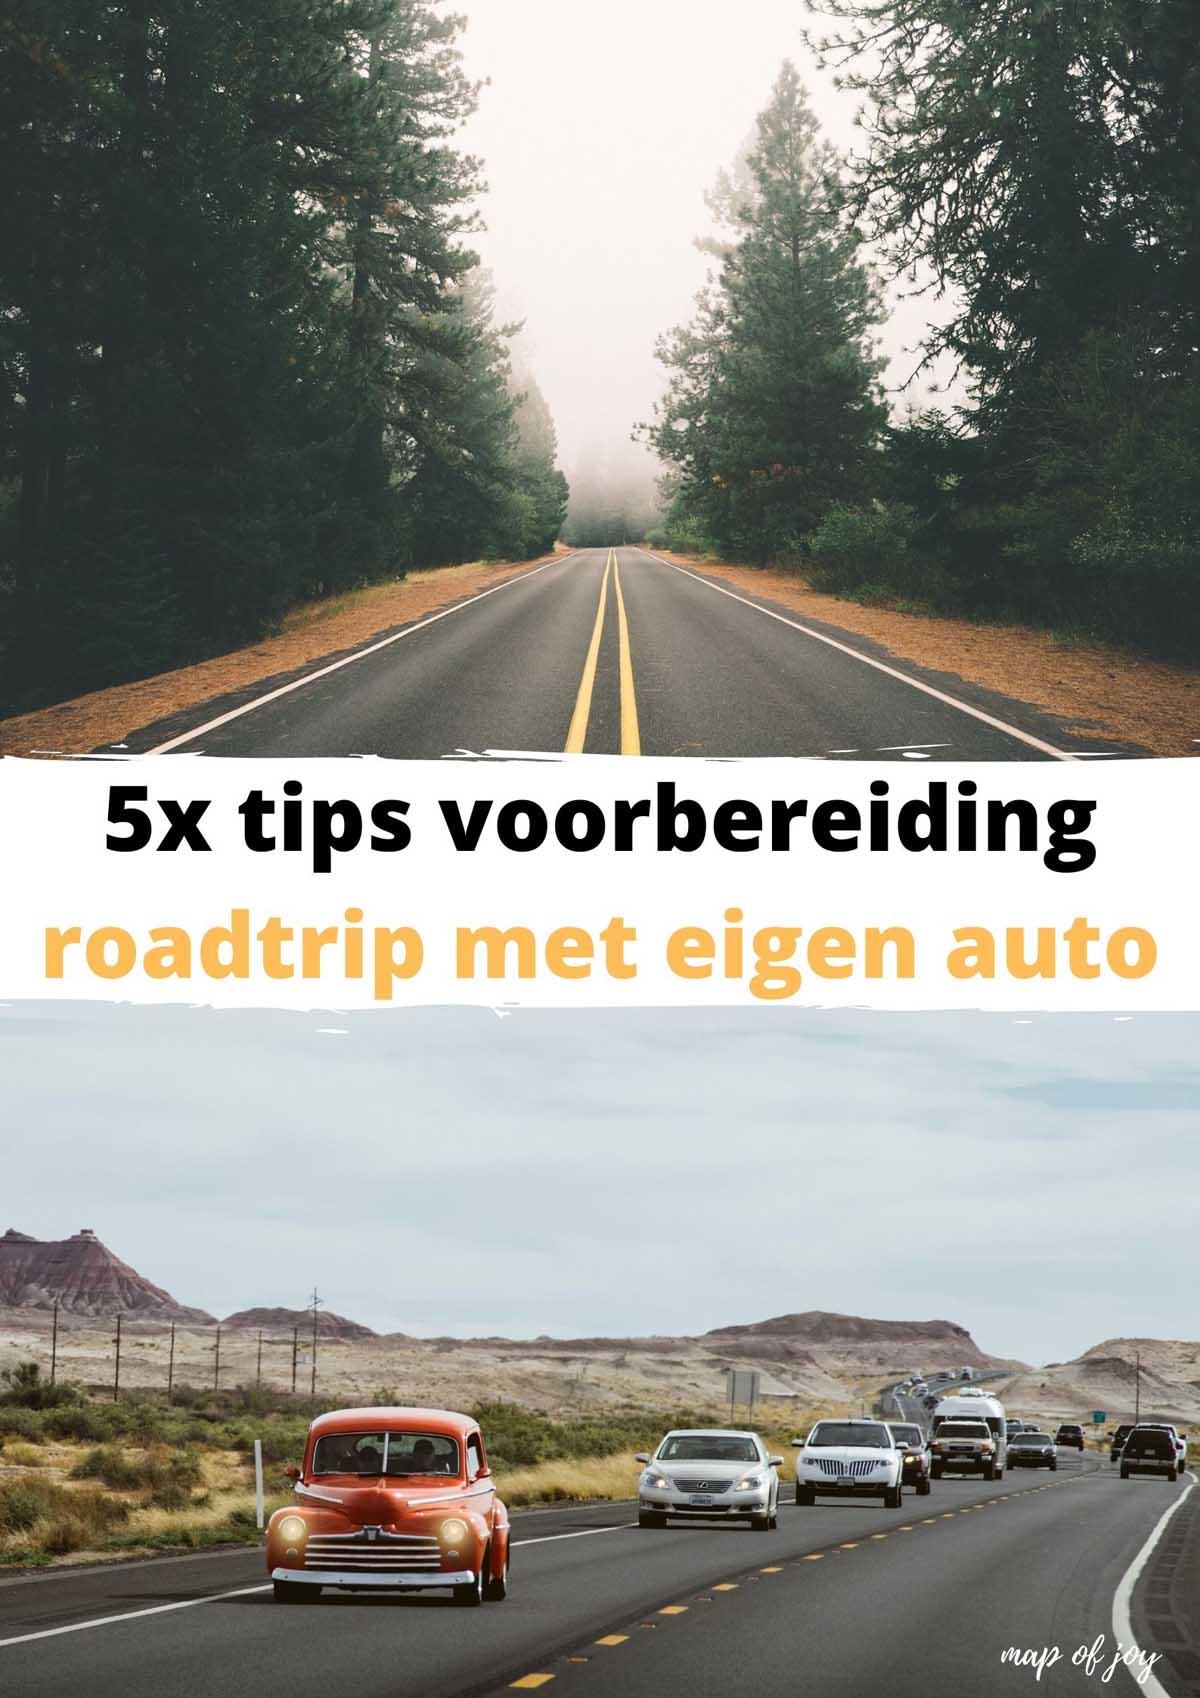 5x tips voorbereiding roadtrip met eigen auto